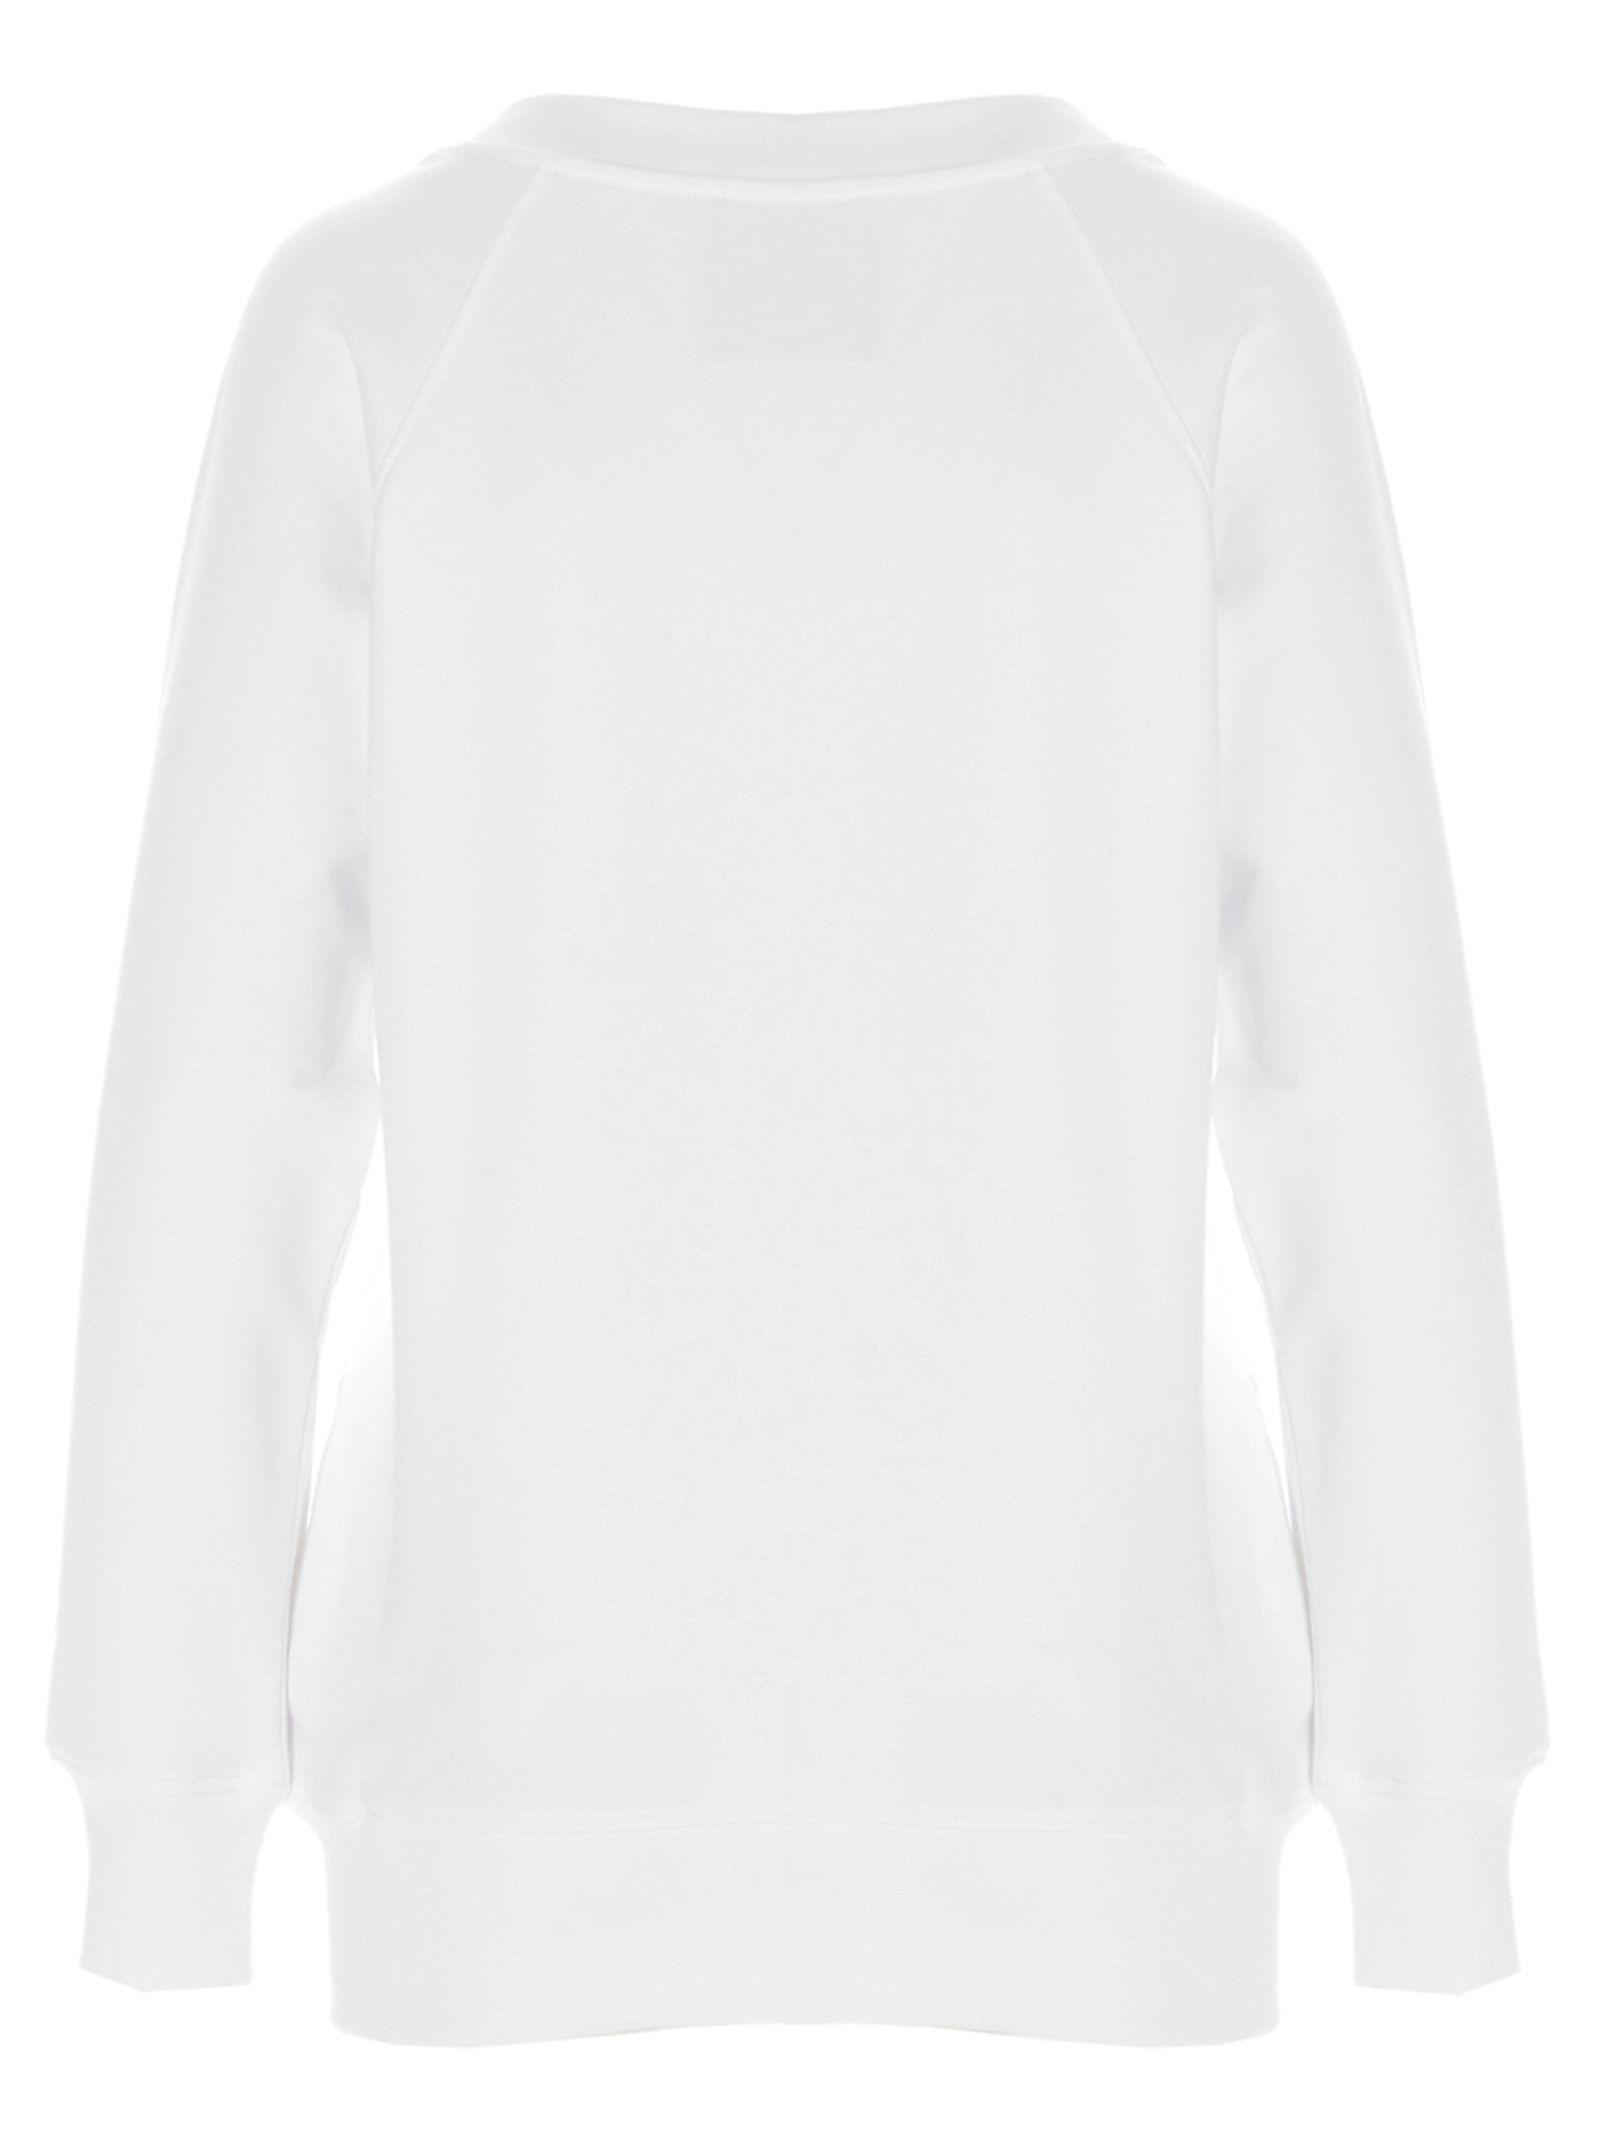 MOSCHINO Cottons MOSCHINO WOMEN'S WHITE OTHER MATERIALS SWEATSHIRT